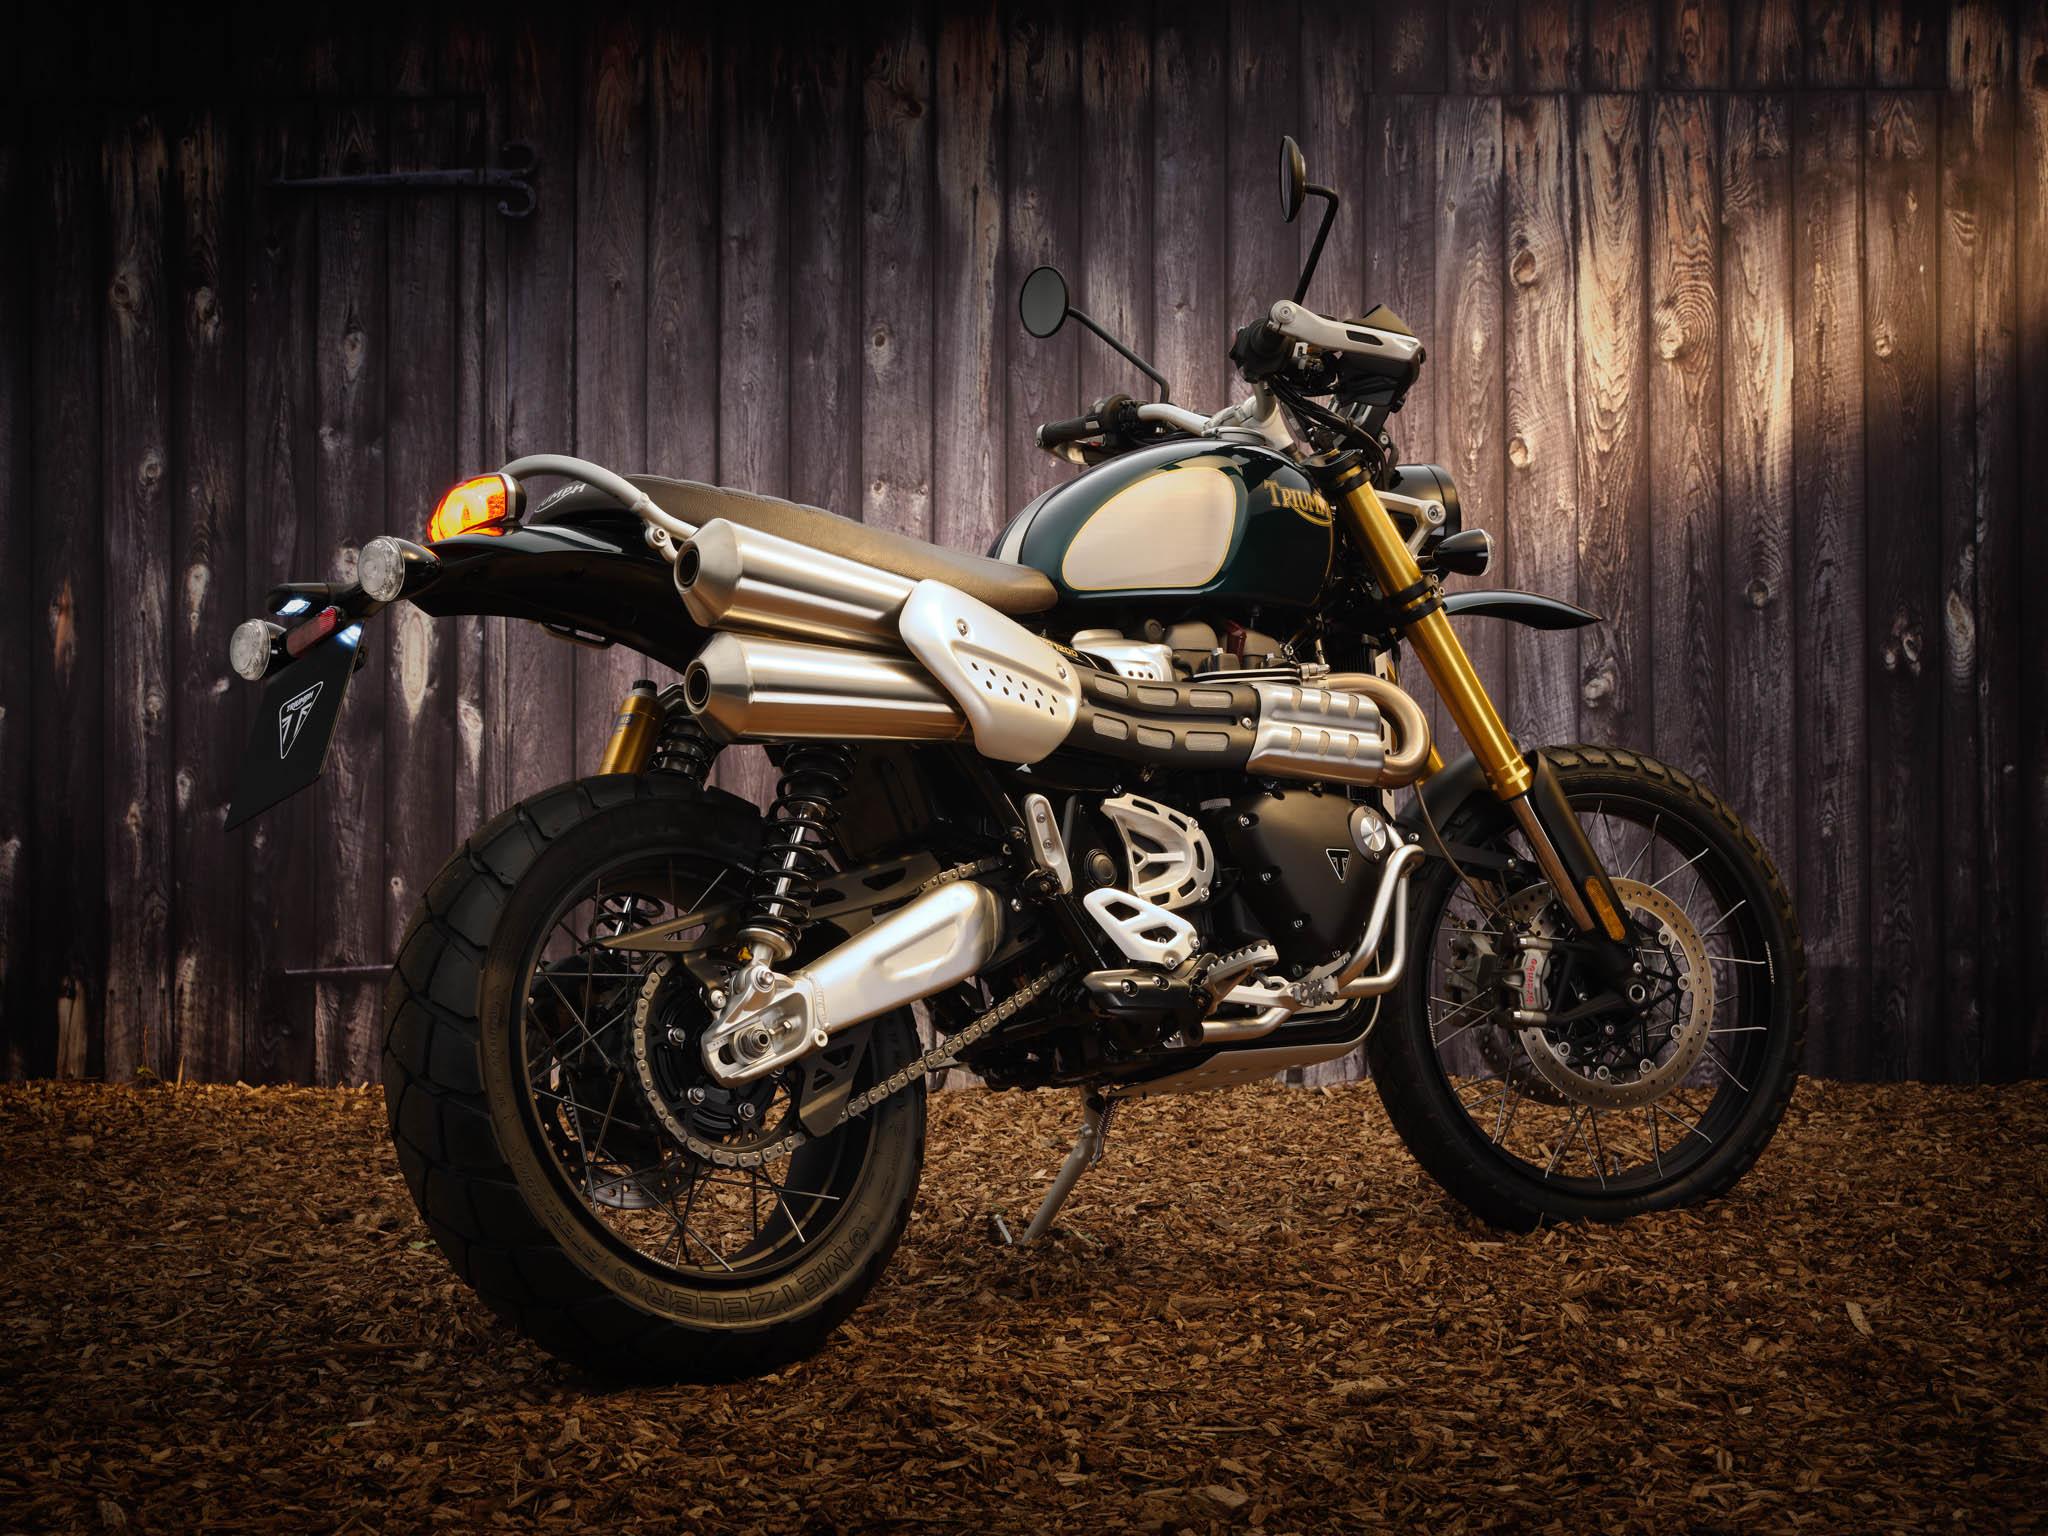 Triumph_Scrambler_1200_Steve_McQueen_2021-4